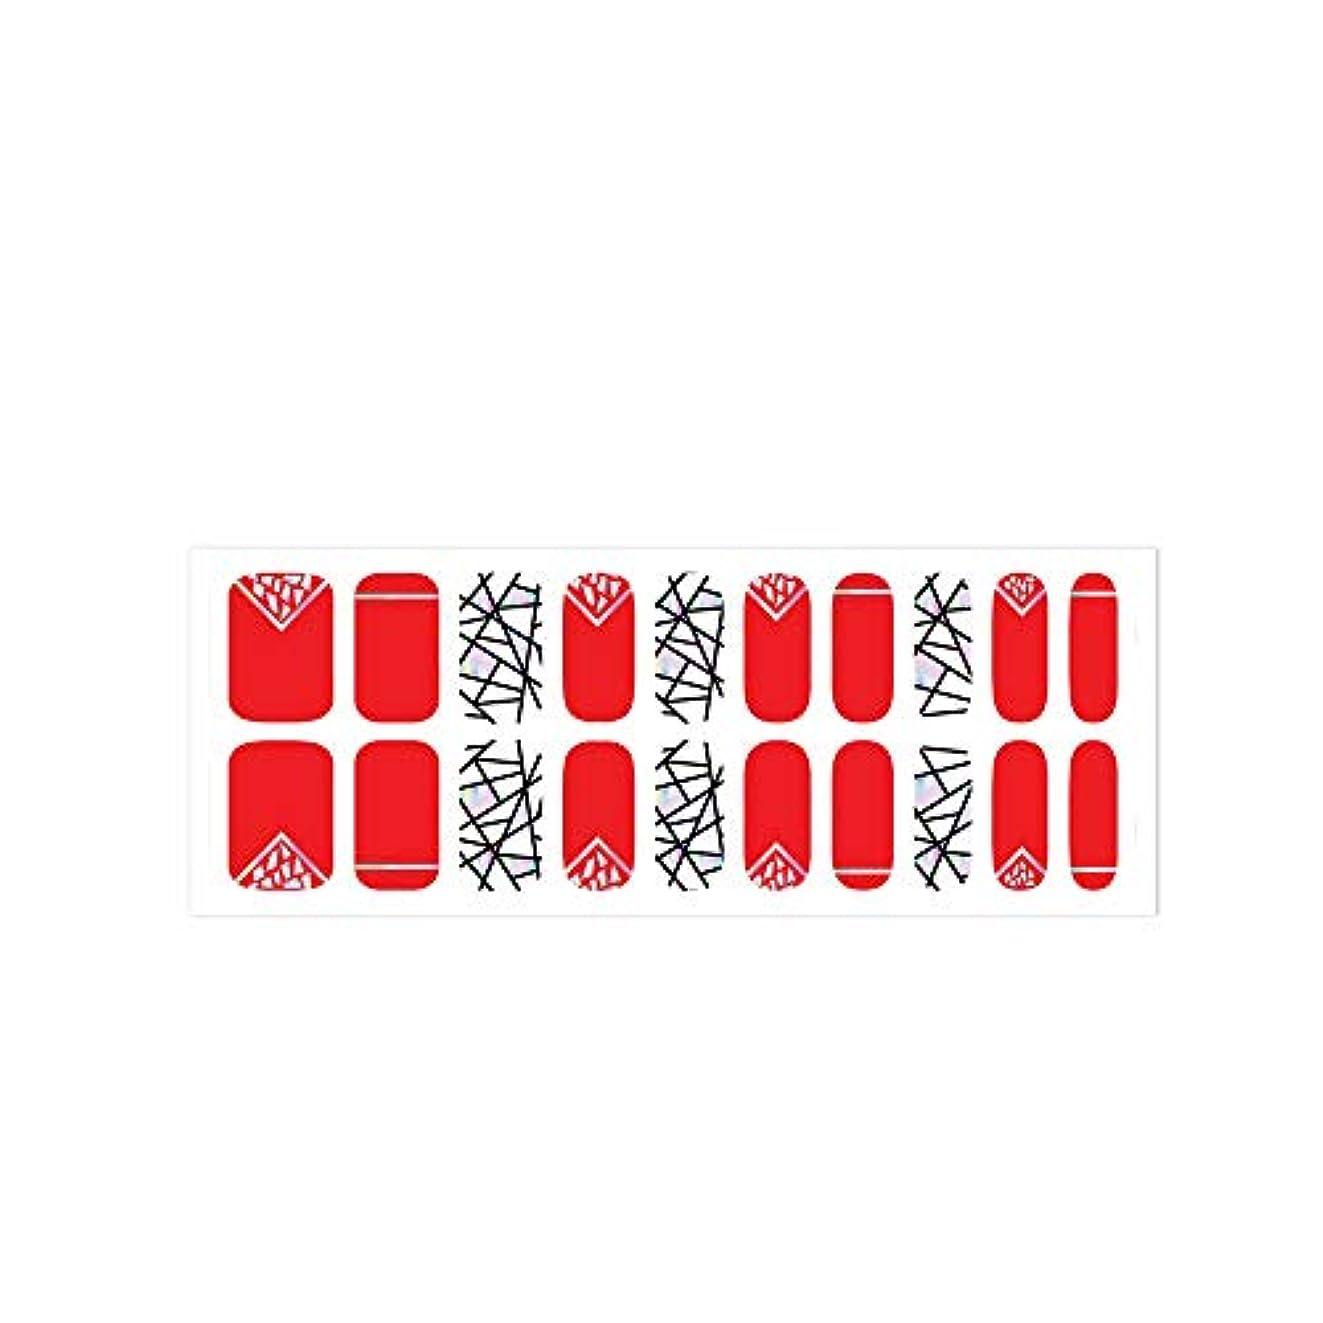 シアー構築するインフレーション爪に貼るだけで華やかになるネイルシート! 簡単セルフネイル ジェルネイル 20pcs ネイルシール ジェルネイルシール デコネイルシール VAVACOCO ペディキュア ハーフ かわいい 韓国 シンプル フルカバー ネイルパーツ...